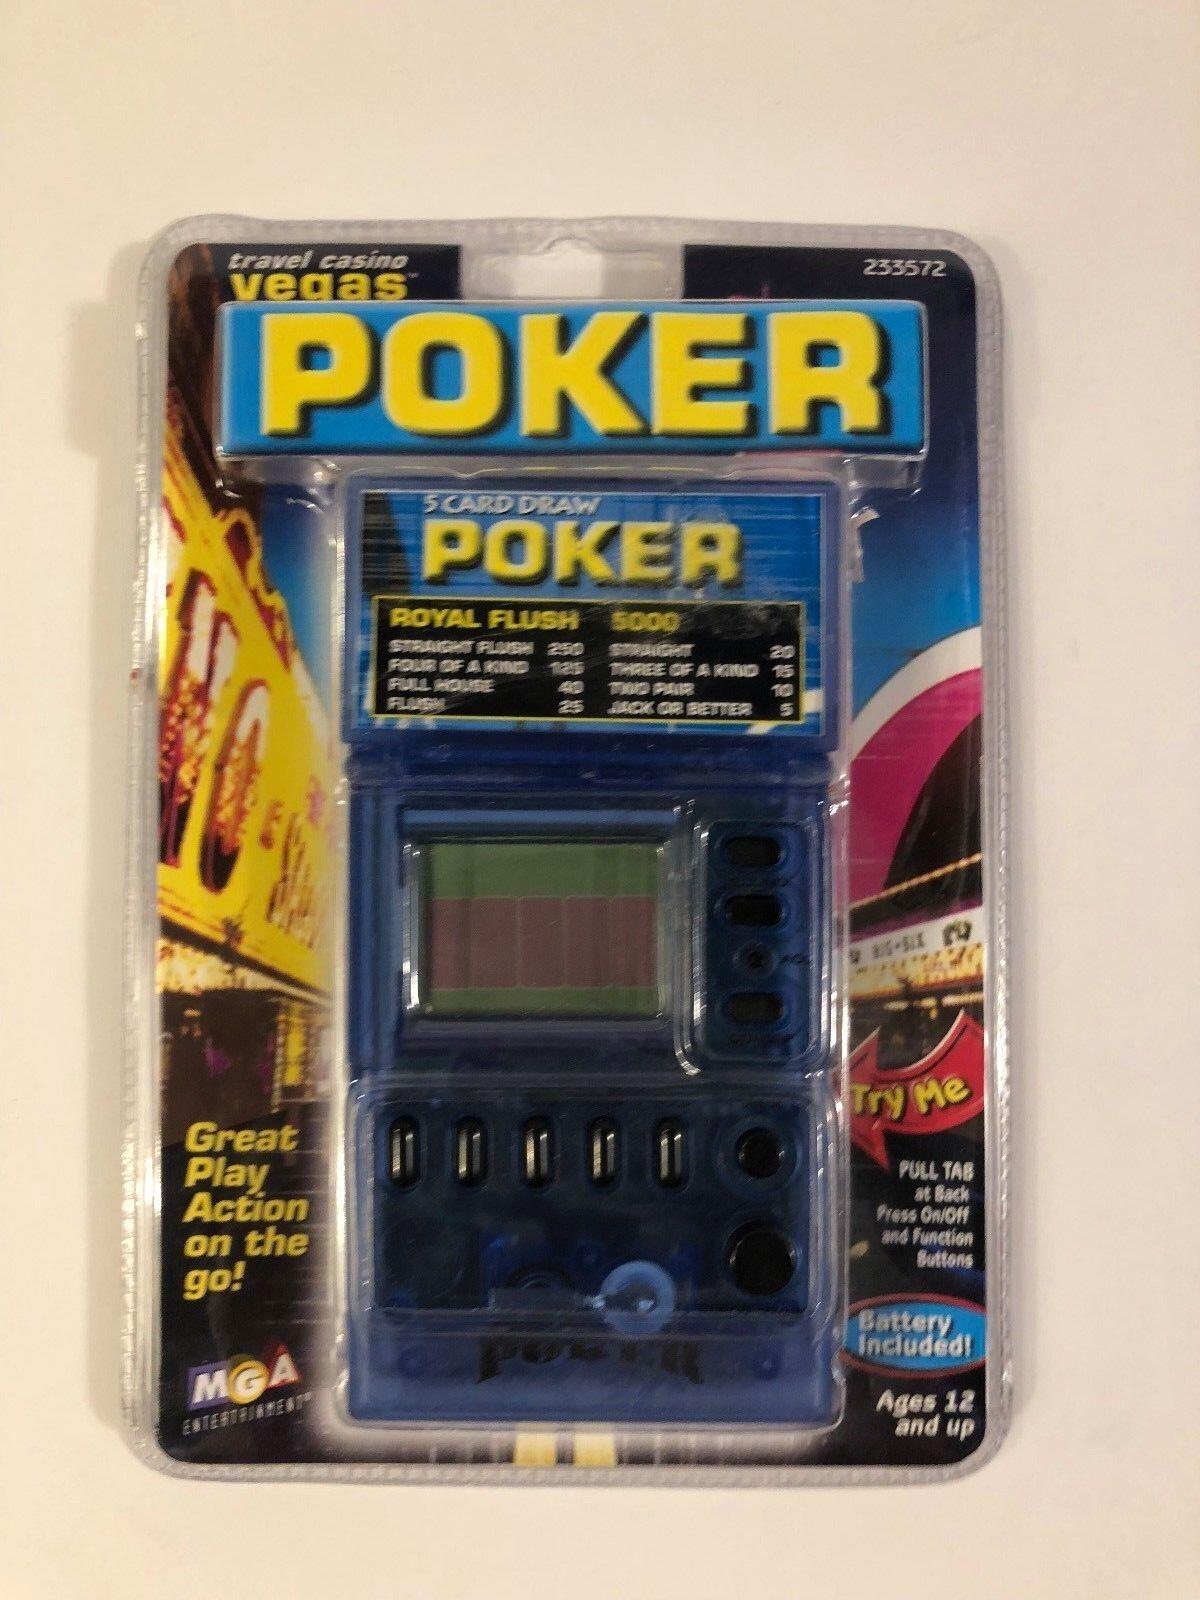 Travel Casino Vegas Poker Handheld Video Game MGA 2000 Brand New